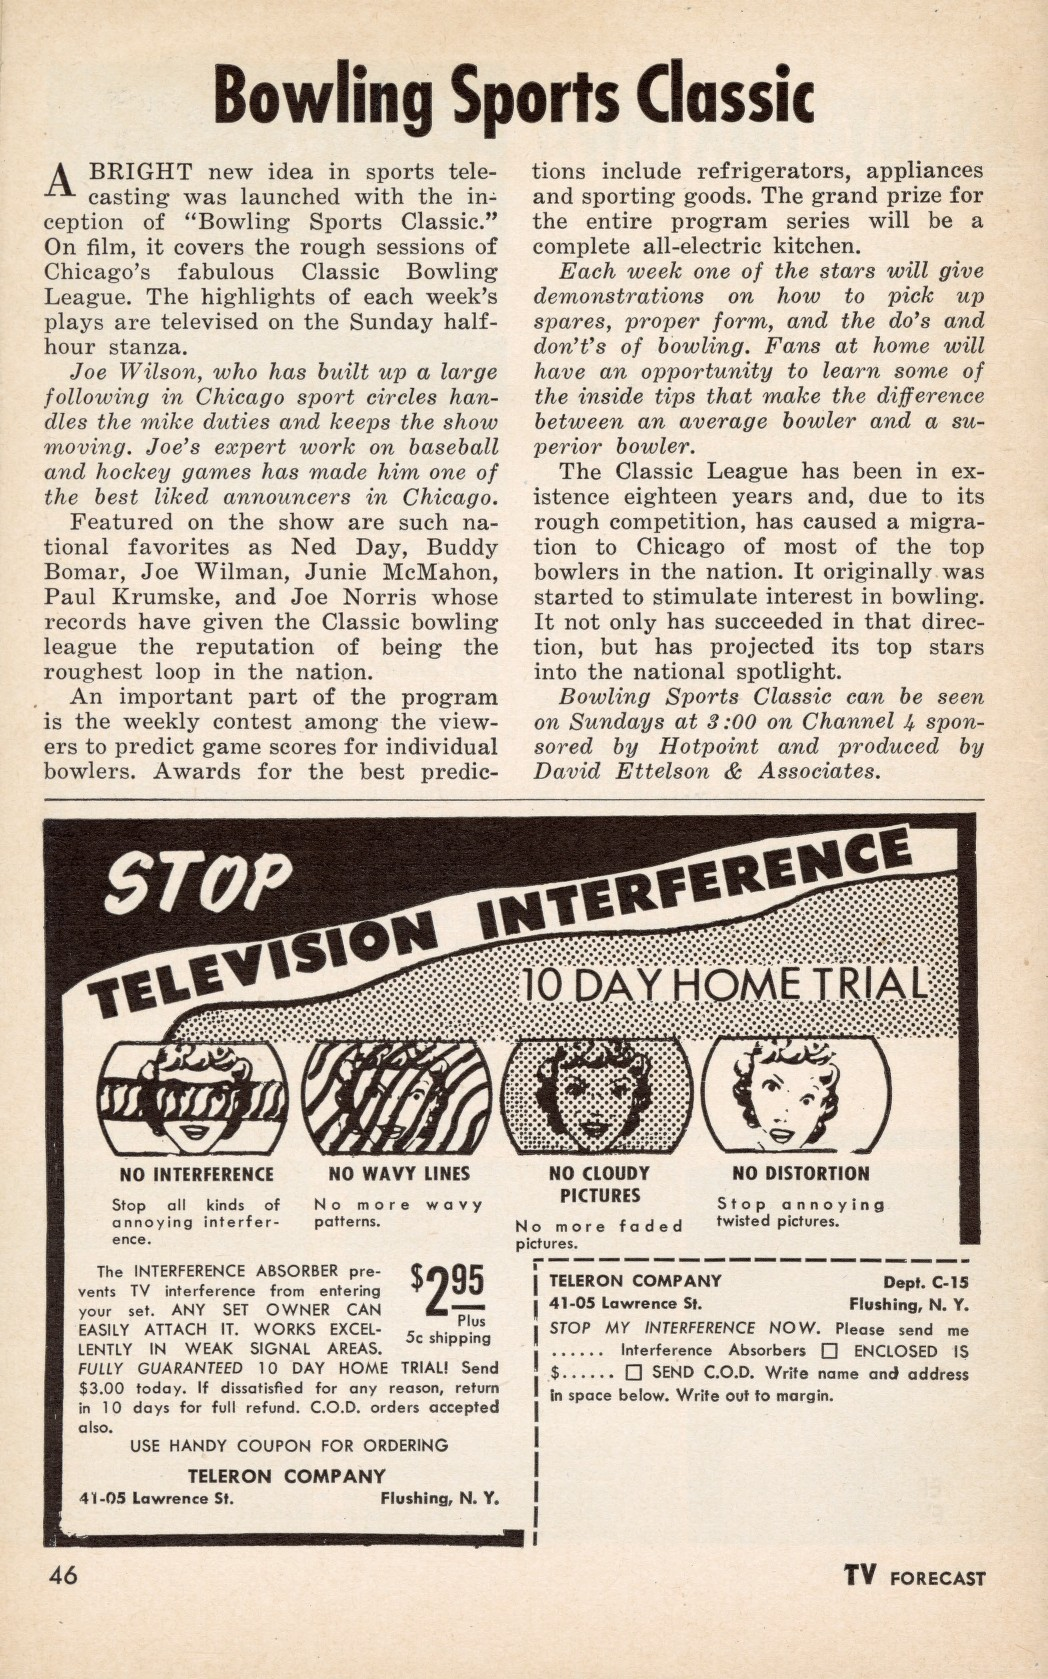 Tvforecast-chicago-1951-12-15_jp2.zip&file=tvforecast-chicago-1951-12-15_jp2%2ftvforecast-chicago-1951-12-15_0045